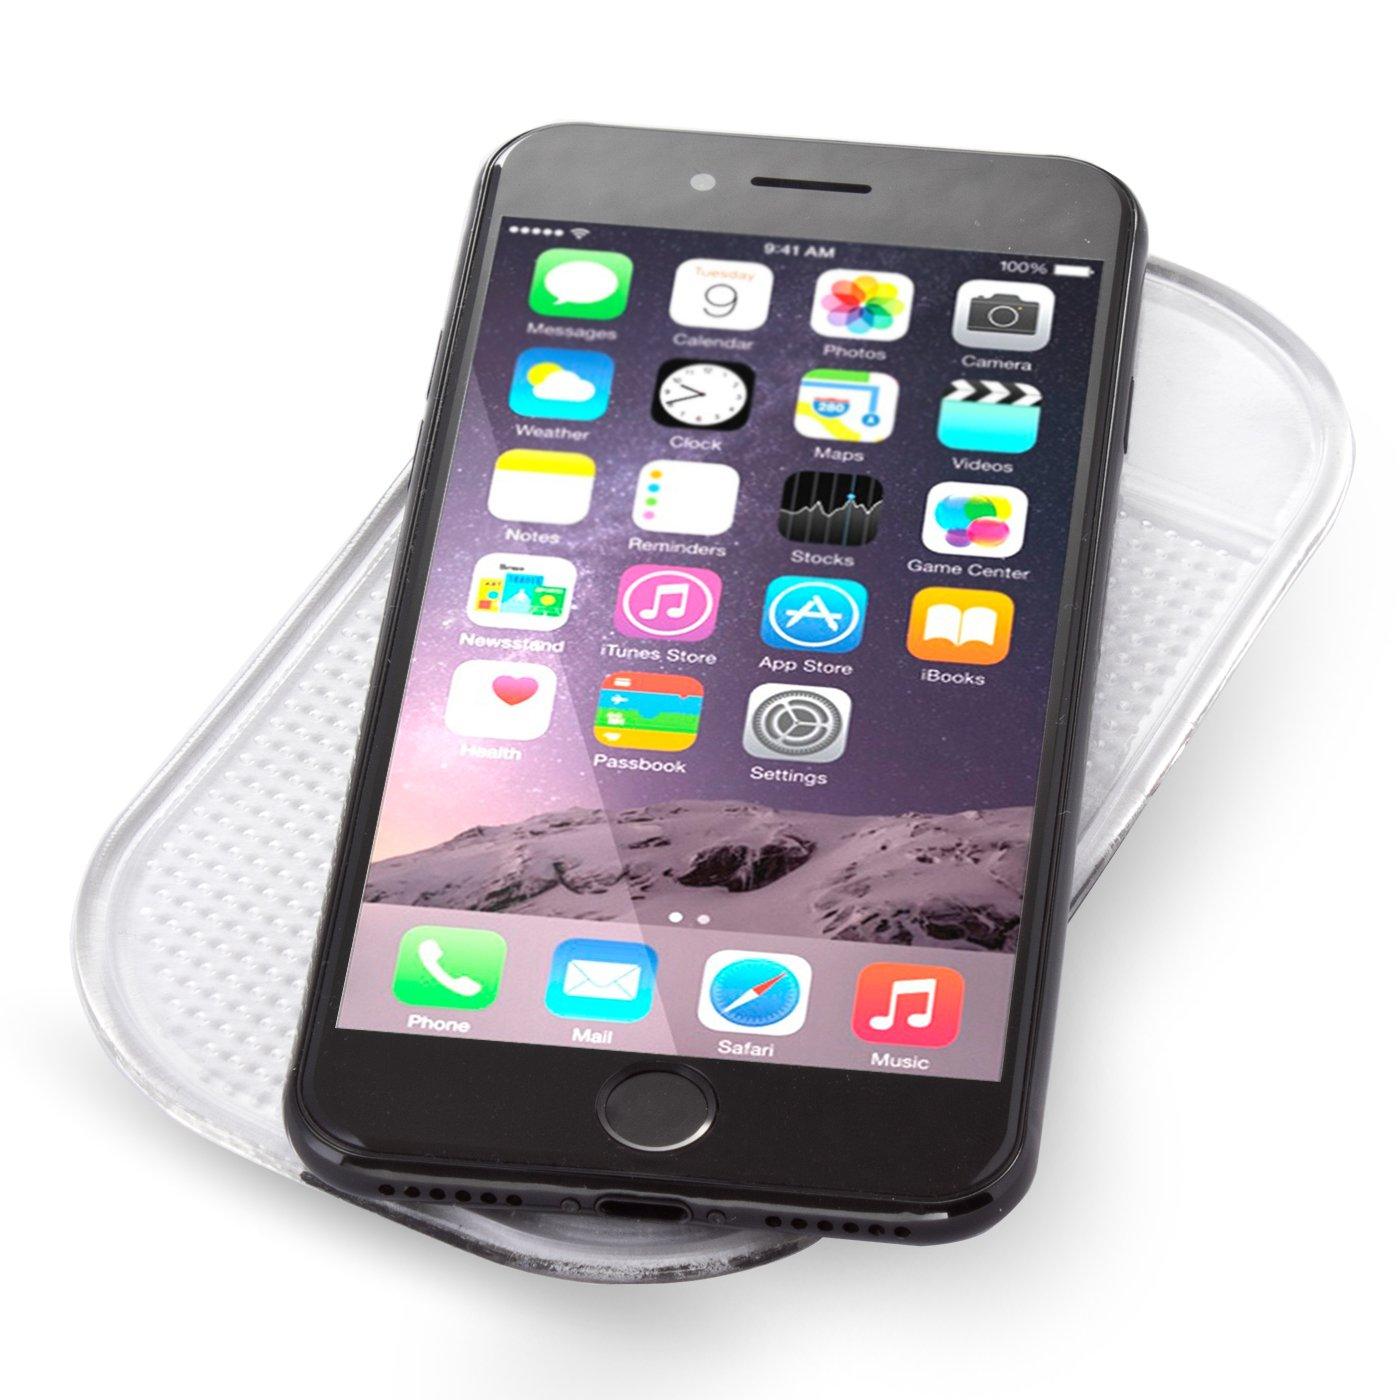 HaftPlus Anti-Slip Pad - Car Mount Car Adhesive Mat - Adhé sifs sans adhé sif. Tenue Solide Transparent 100% Transparent Amovible - Taille: 14 cm x 8 cm